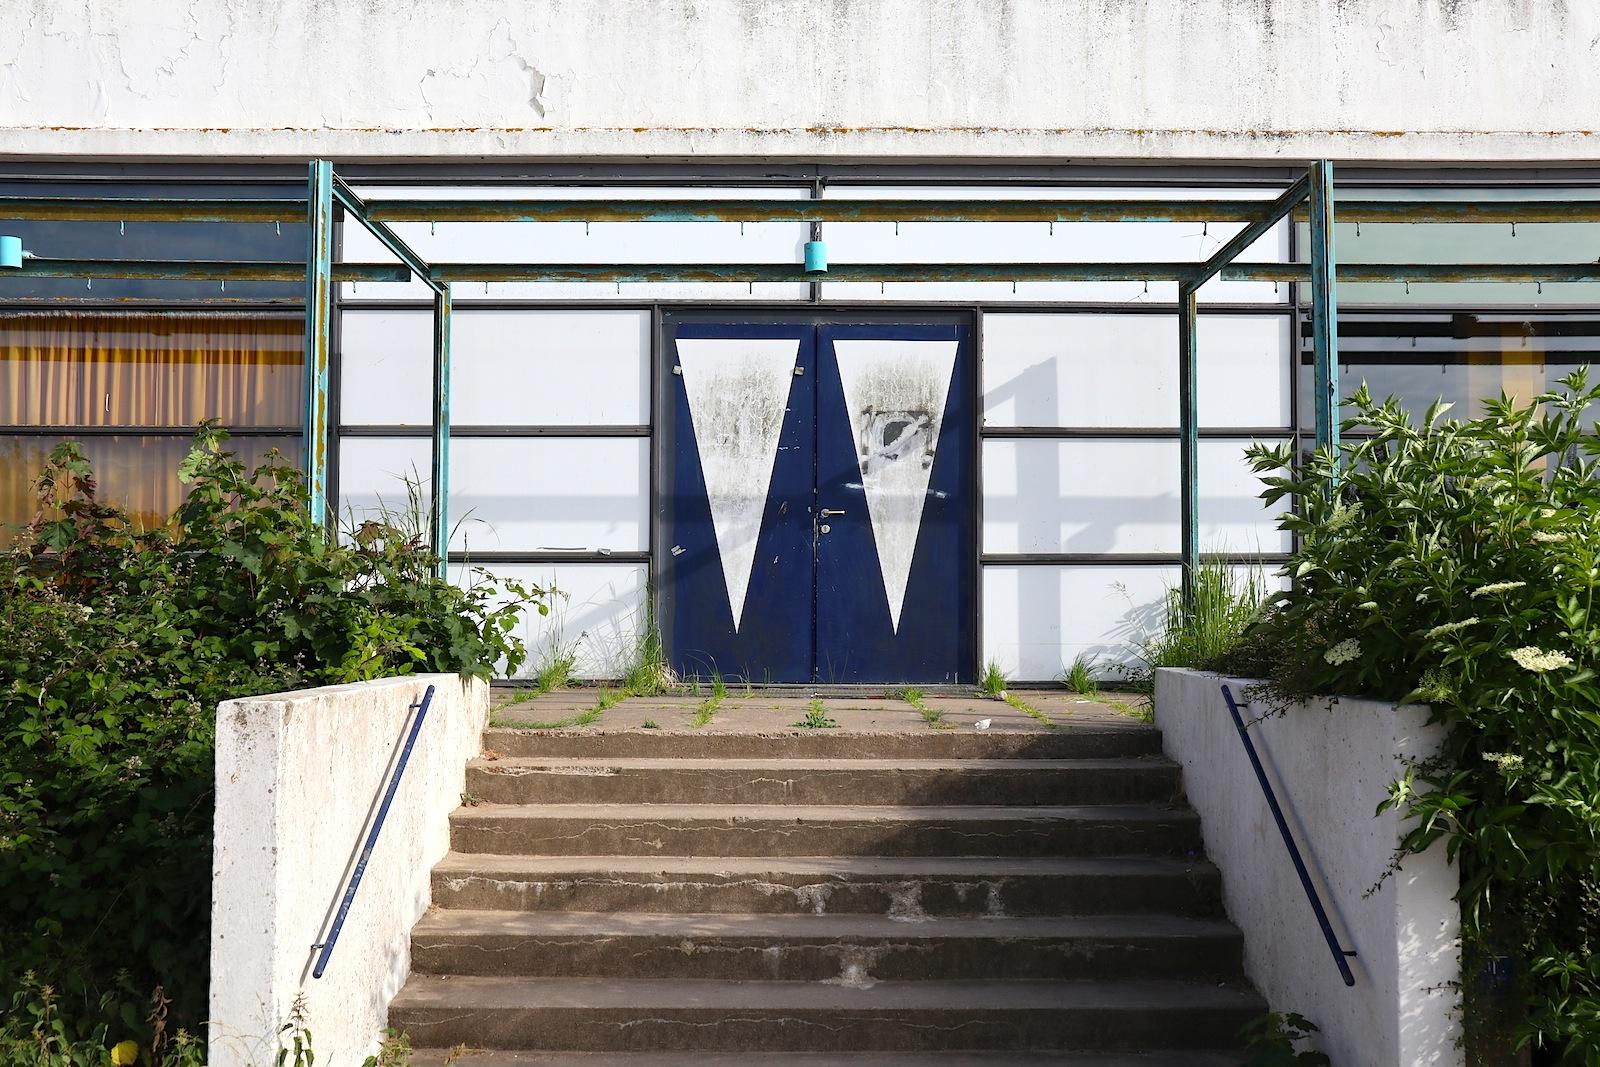 """Haus des Gastes. """"Von der Lampe bis zum Fußboden, überall steckt Jacobsen drin"""", so die Denkmalpfleger über das Gebäude."""